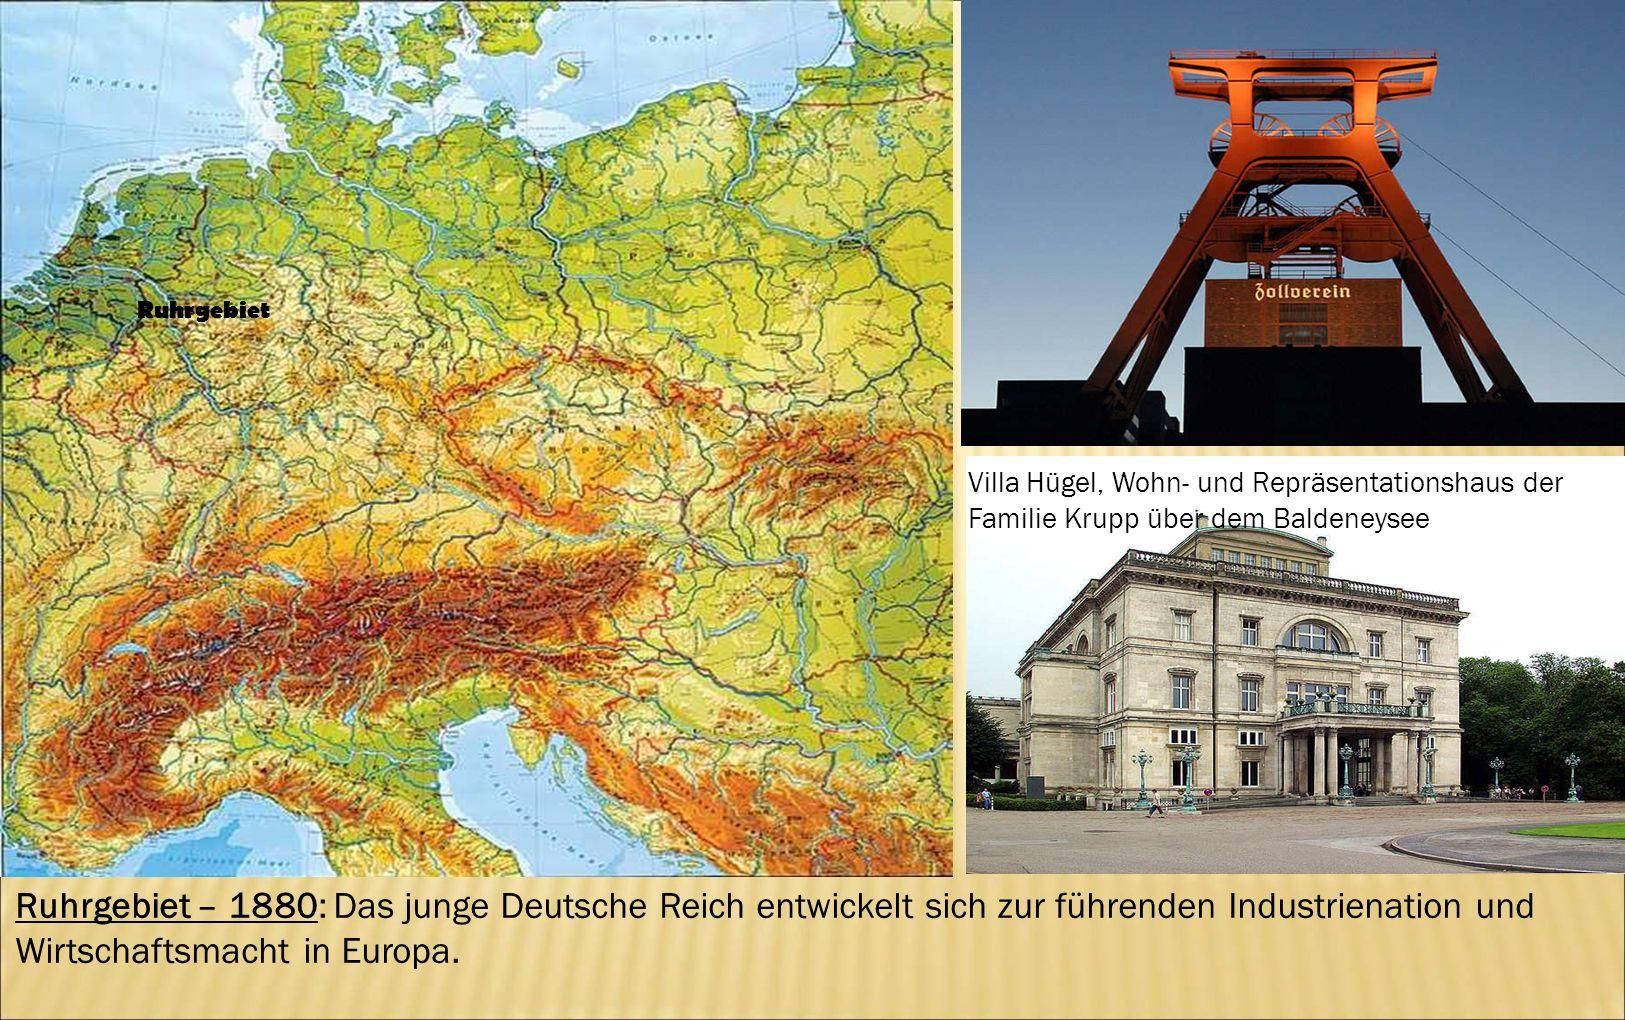 Ruhrgebiet Villa Hügel, Wohn- und Repräsentationshaus der Familie Krupp über dem Baldeneysee.